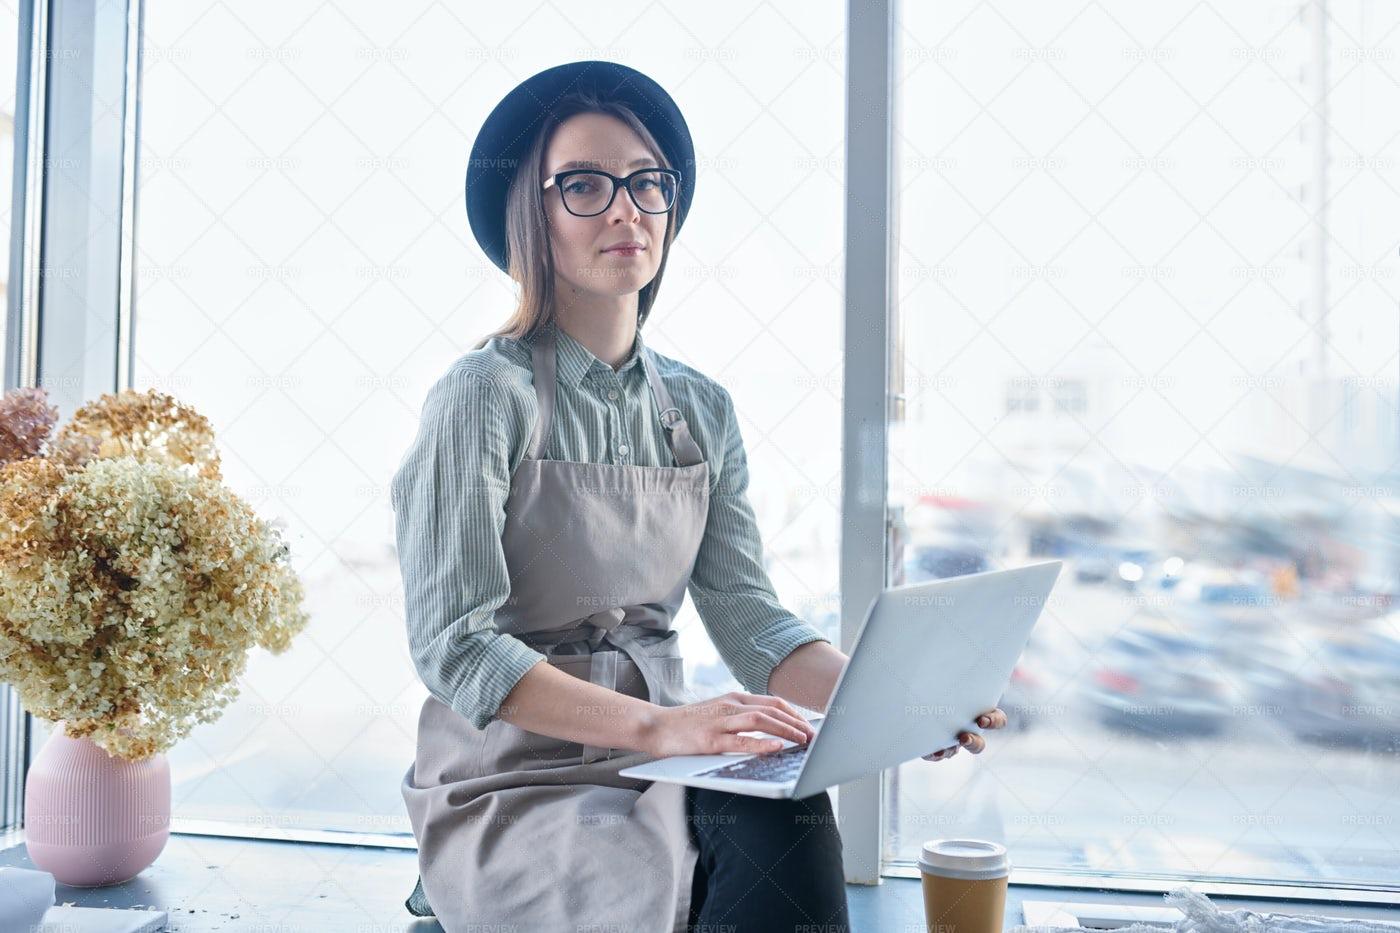 Florist With Laptop: Stock Photos